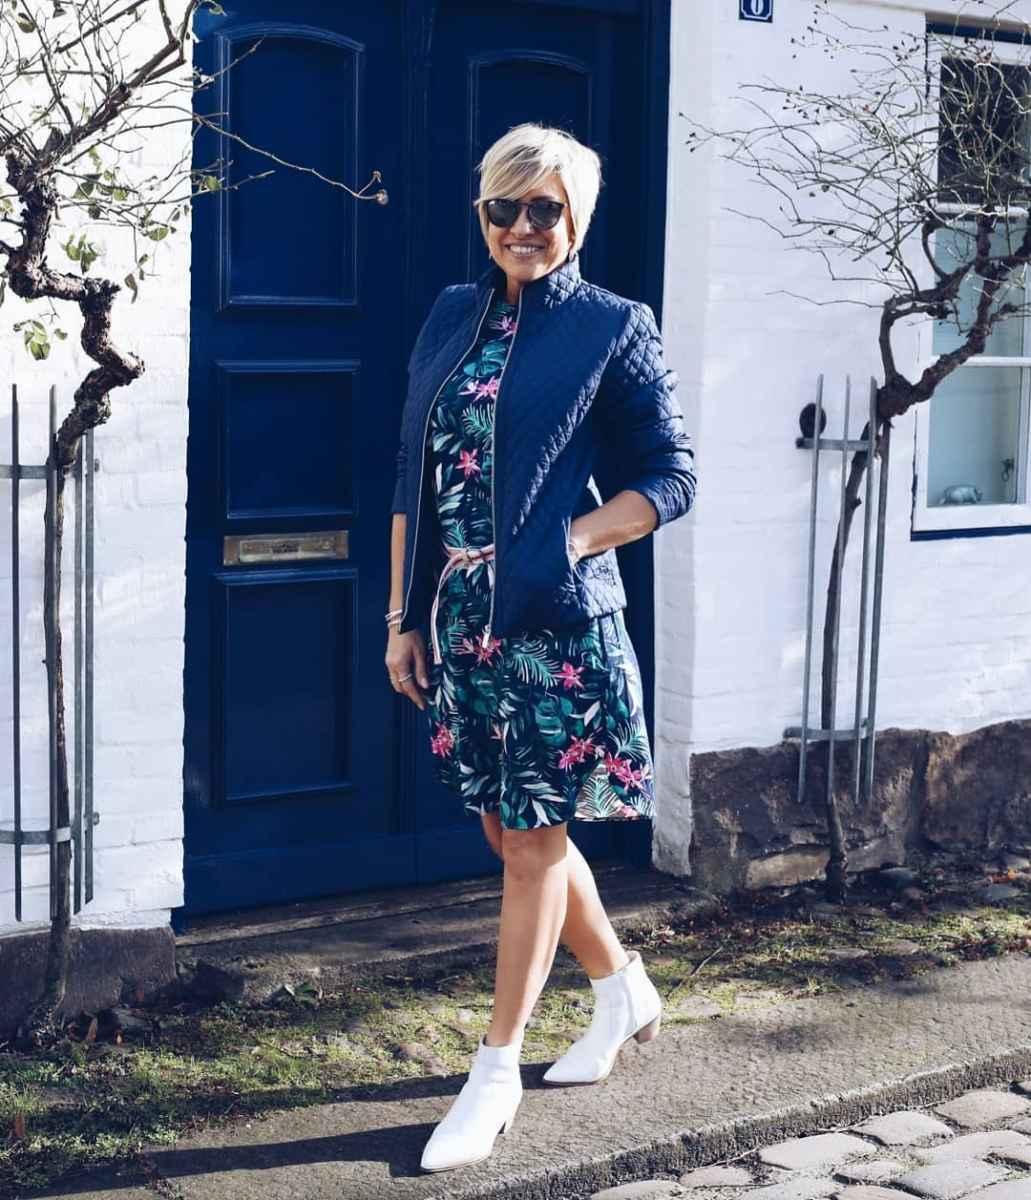 Модные платья для женщин 50 лет осень-зима 2019-2020 фото_6